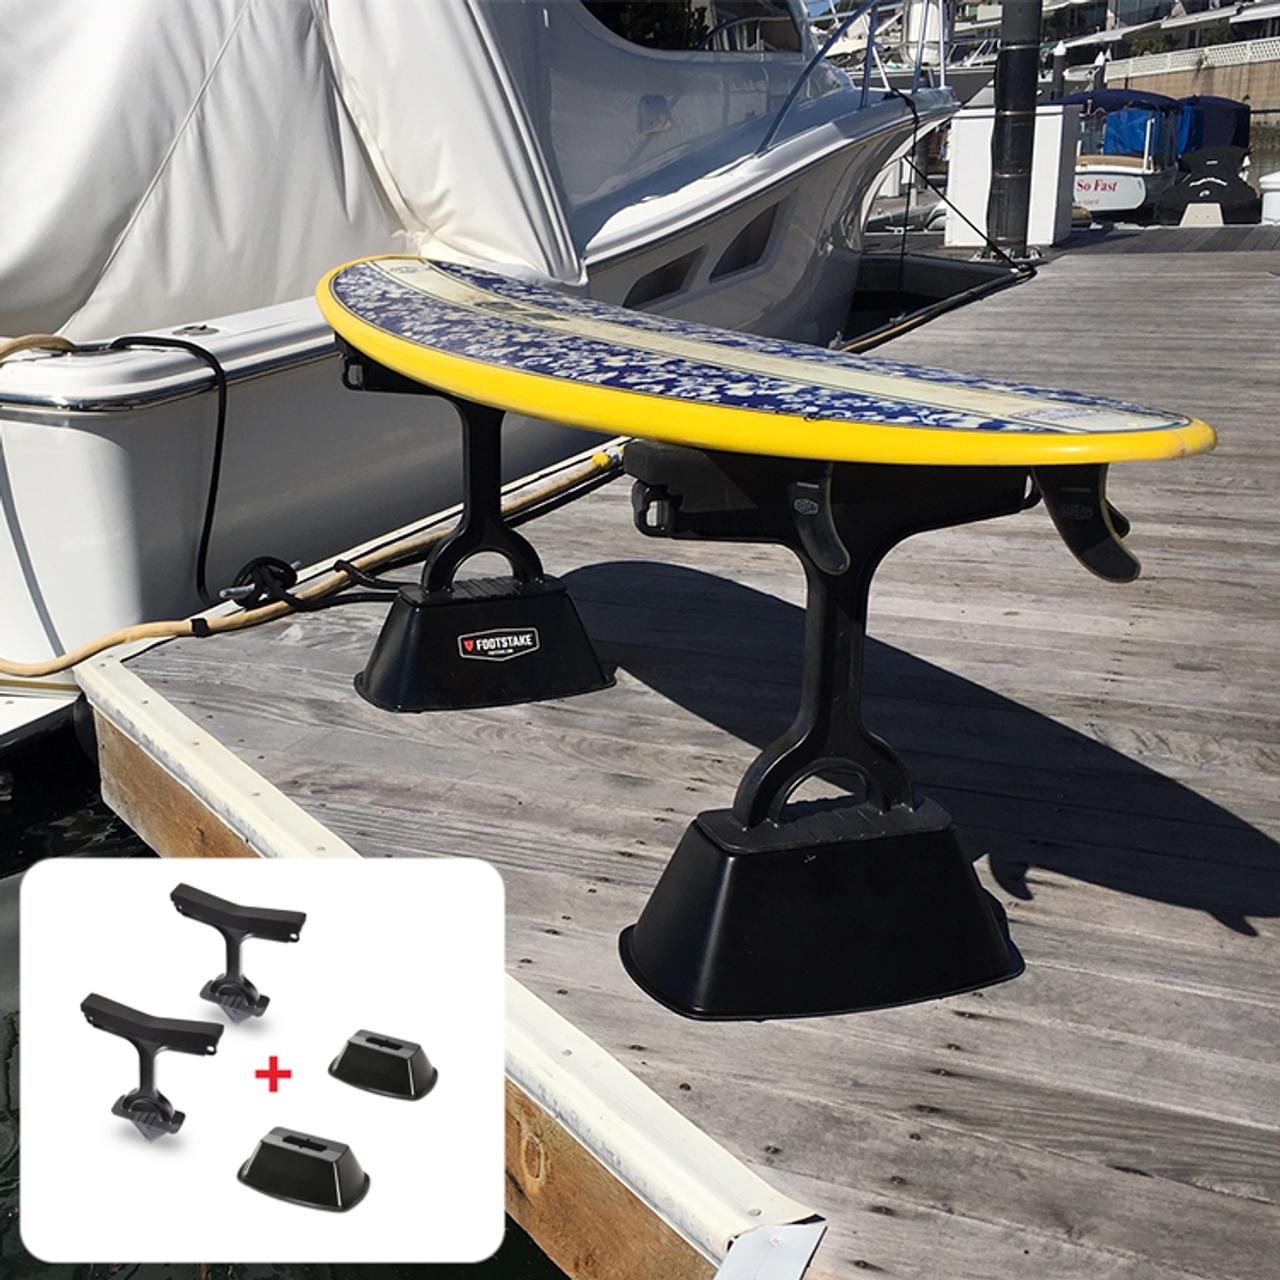 outdoor indoor freestanding SUP and kayak stand